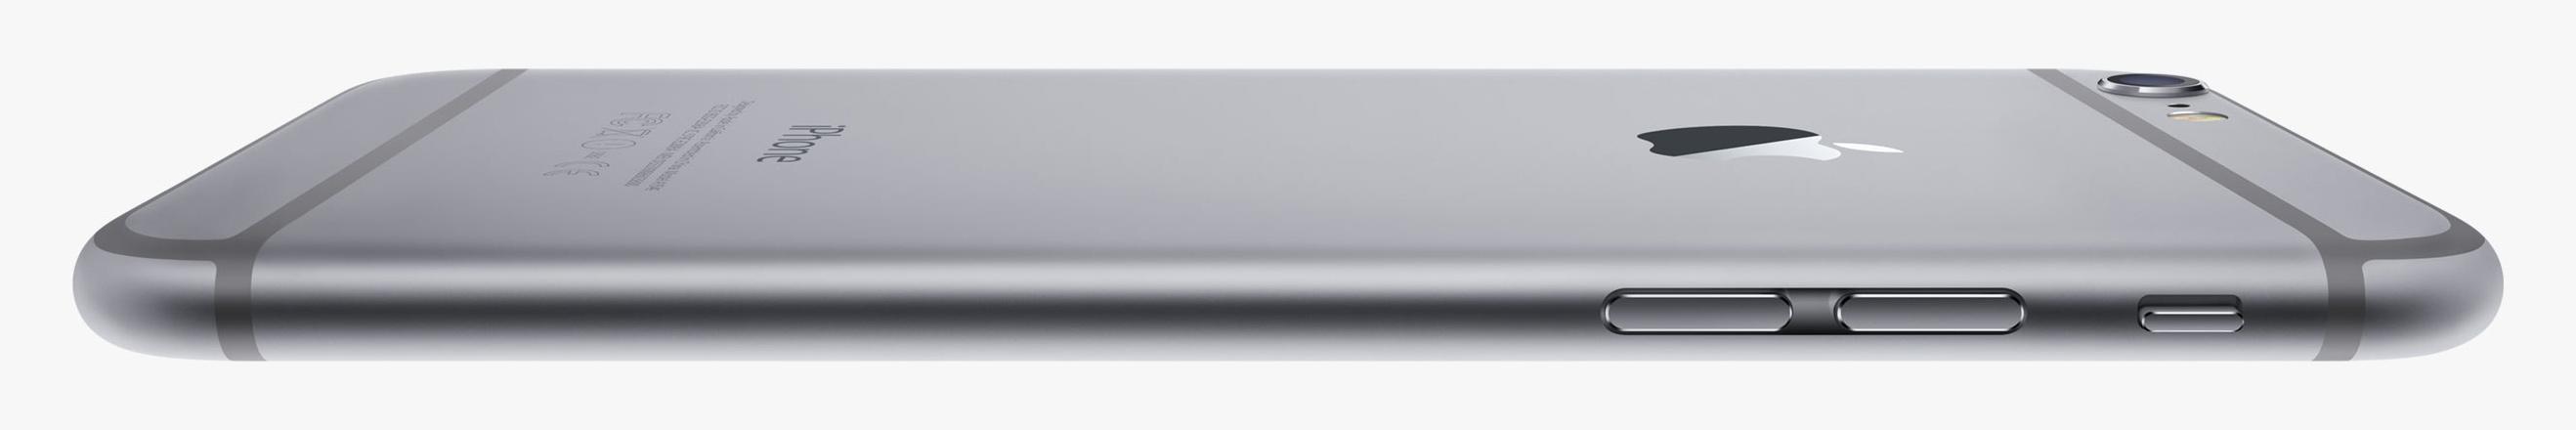 iPhone 6 deitado e de lado